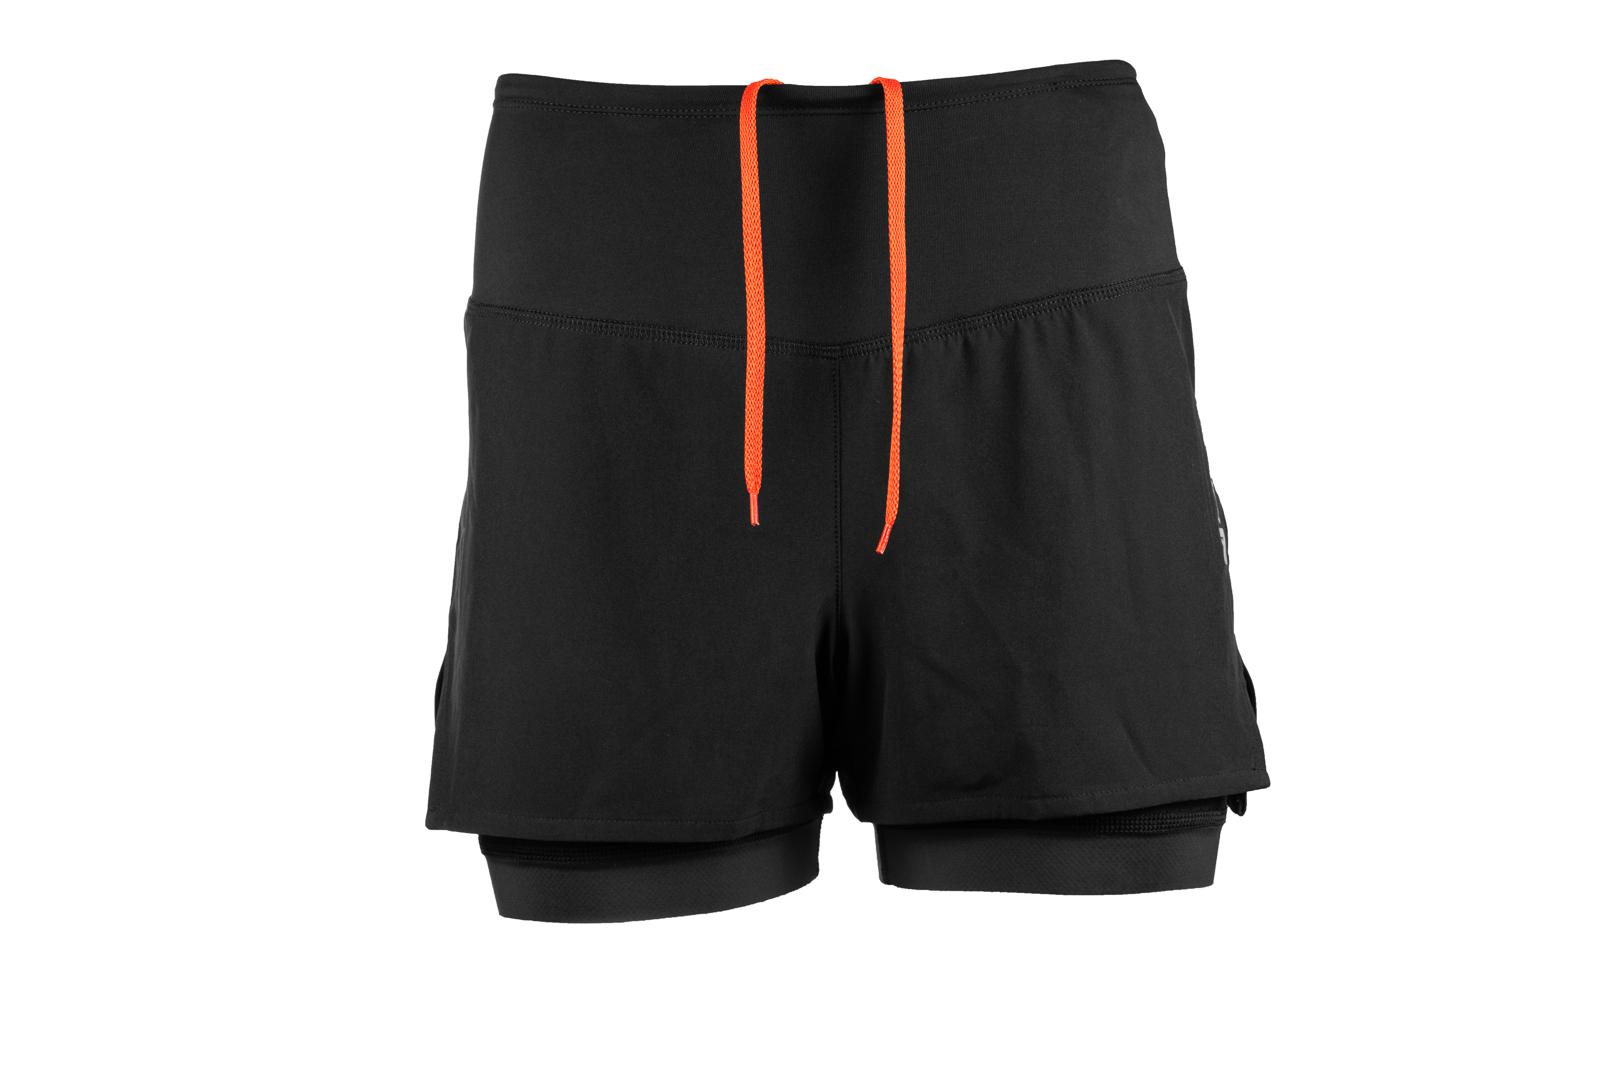 CaniX twin shorts women's